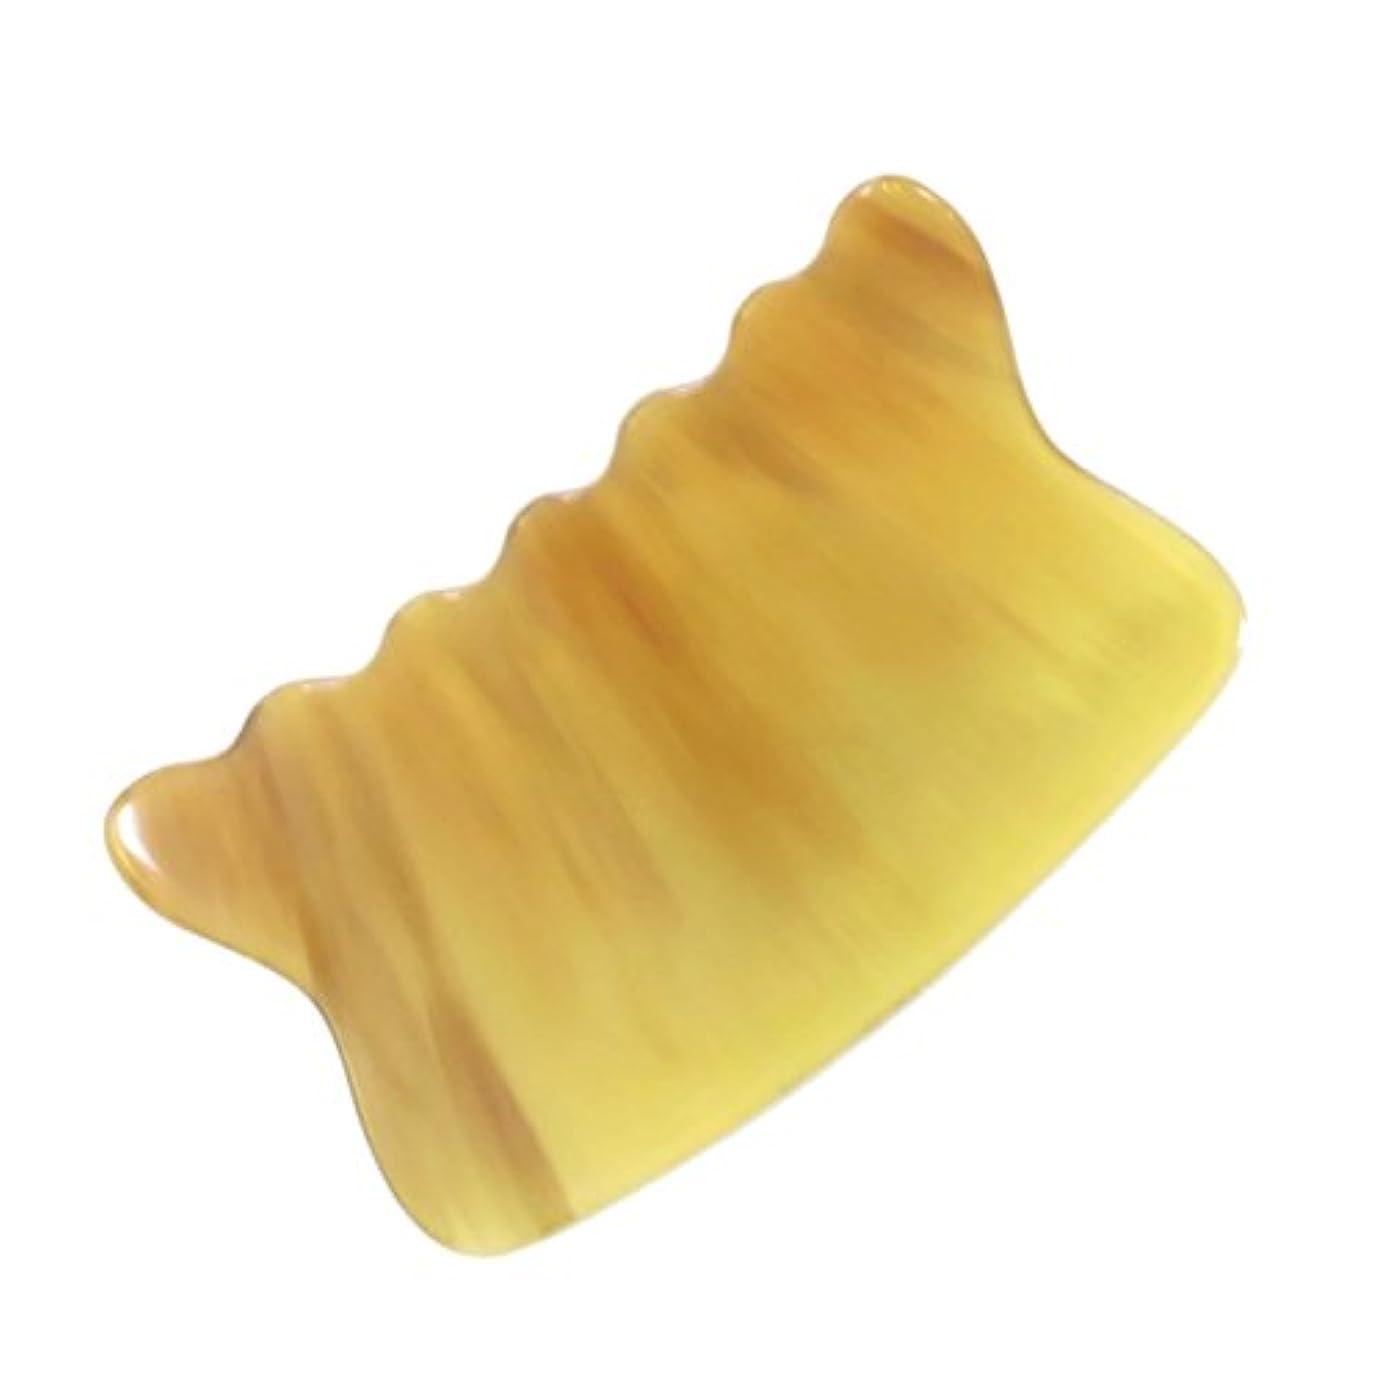 熱咽頭ゾーンかっさ プレート 希少62 黄水牛角 極美品 曲波型